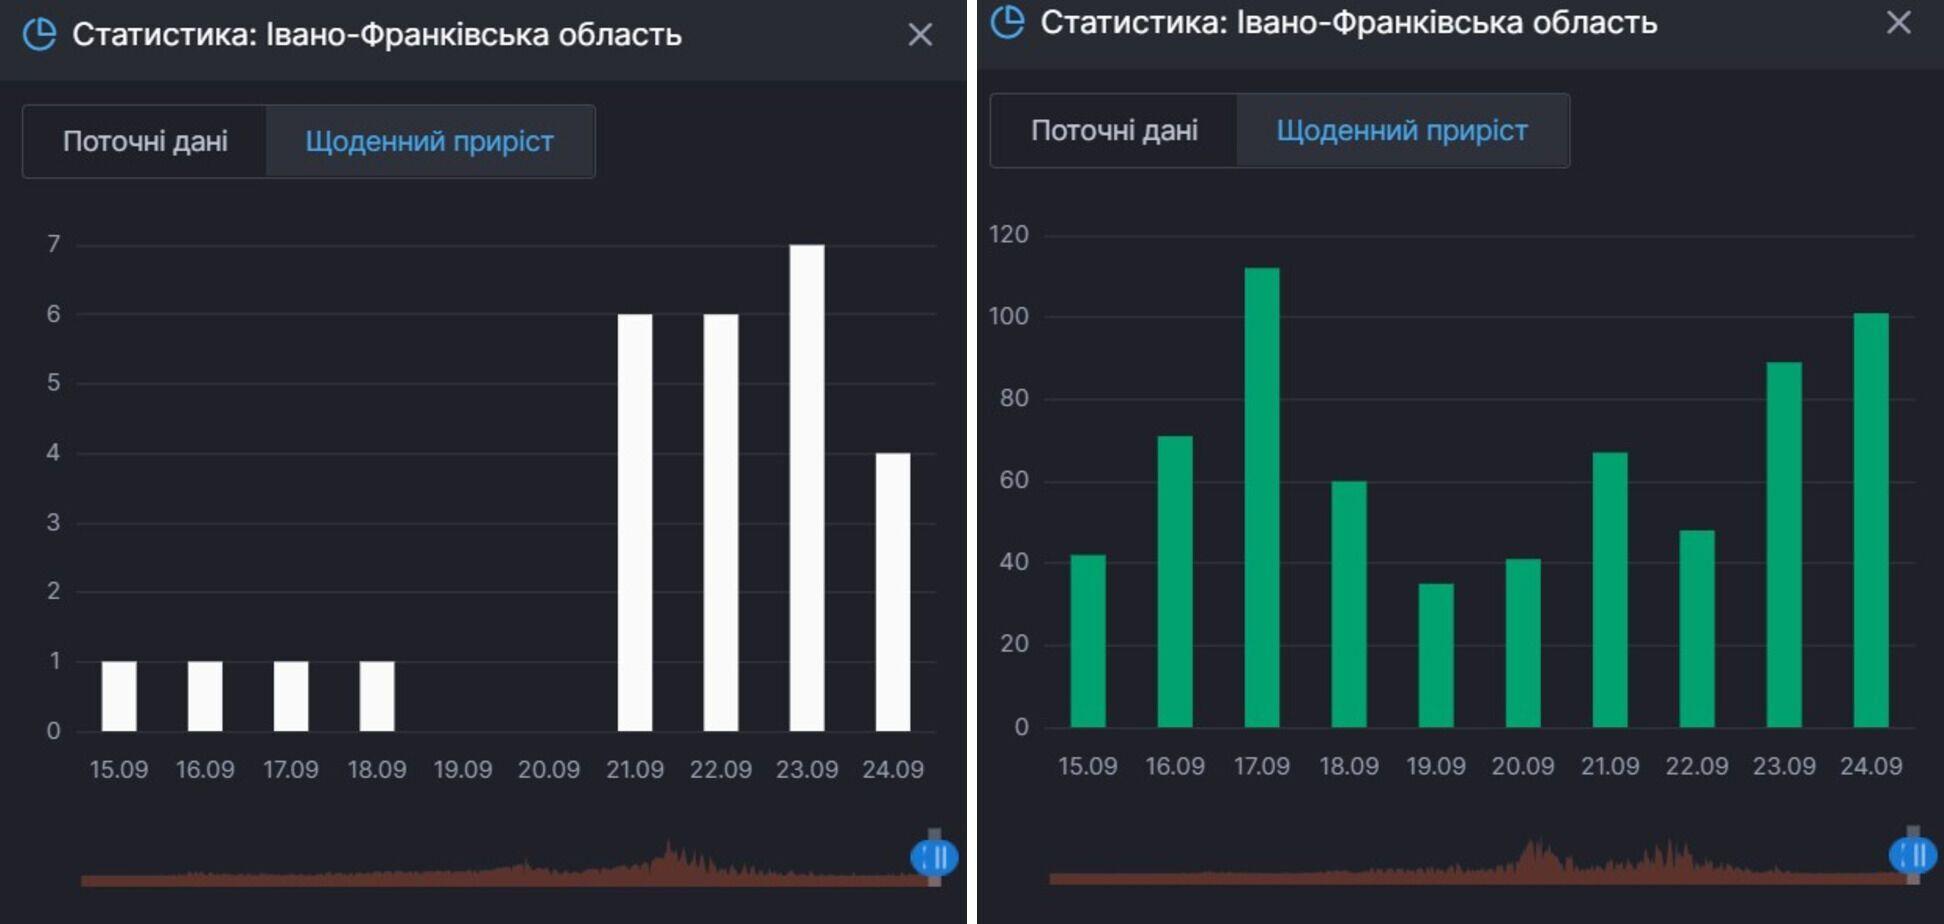 Приріст смертей та одужань від COVID-19 в Івано-Франківській області